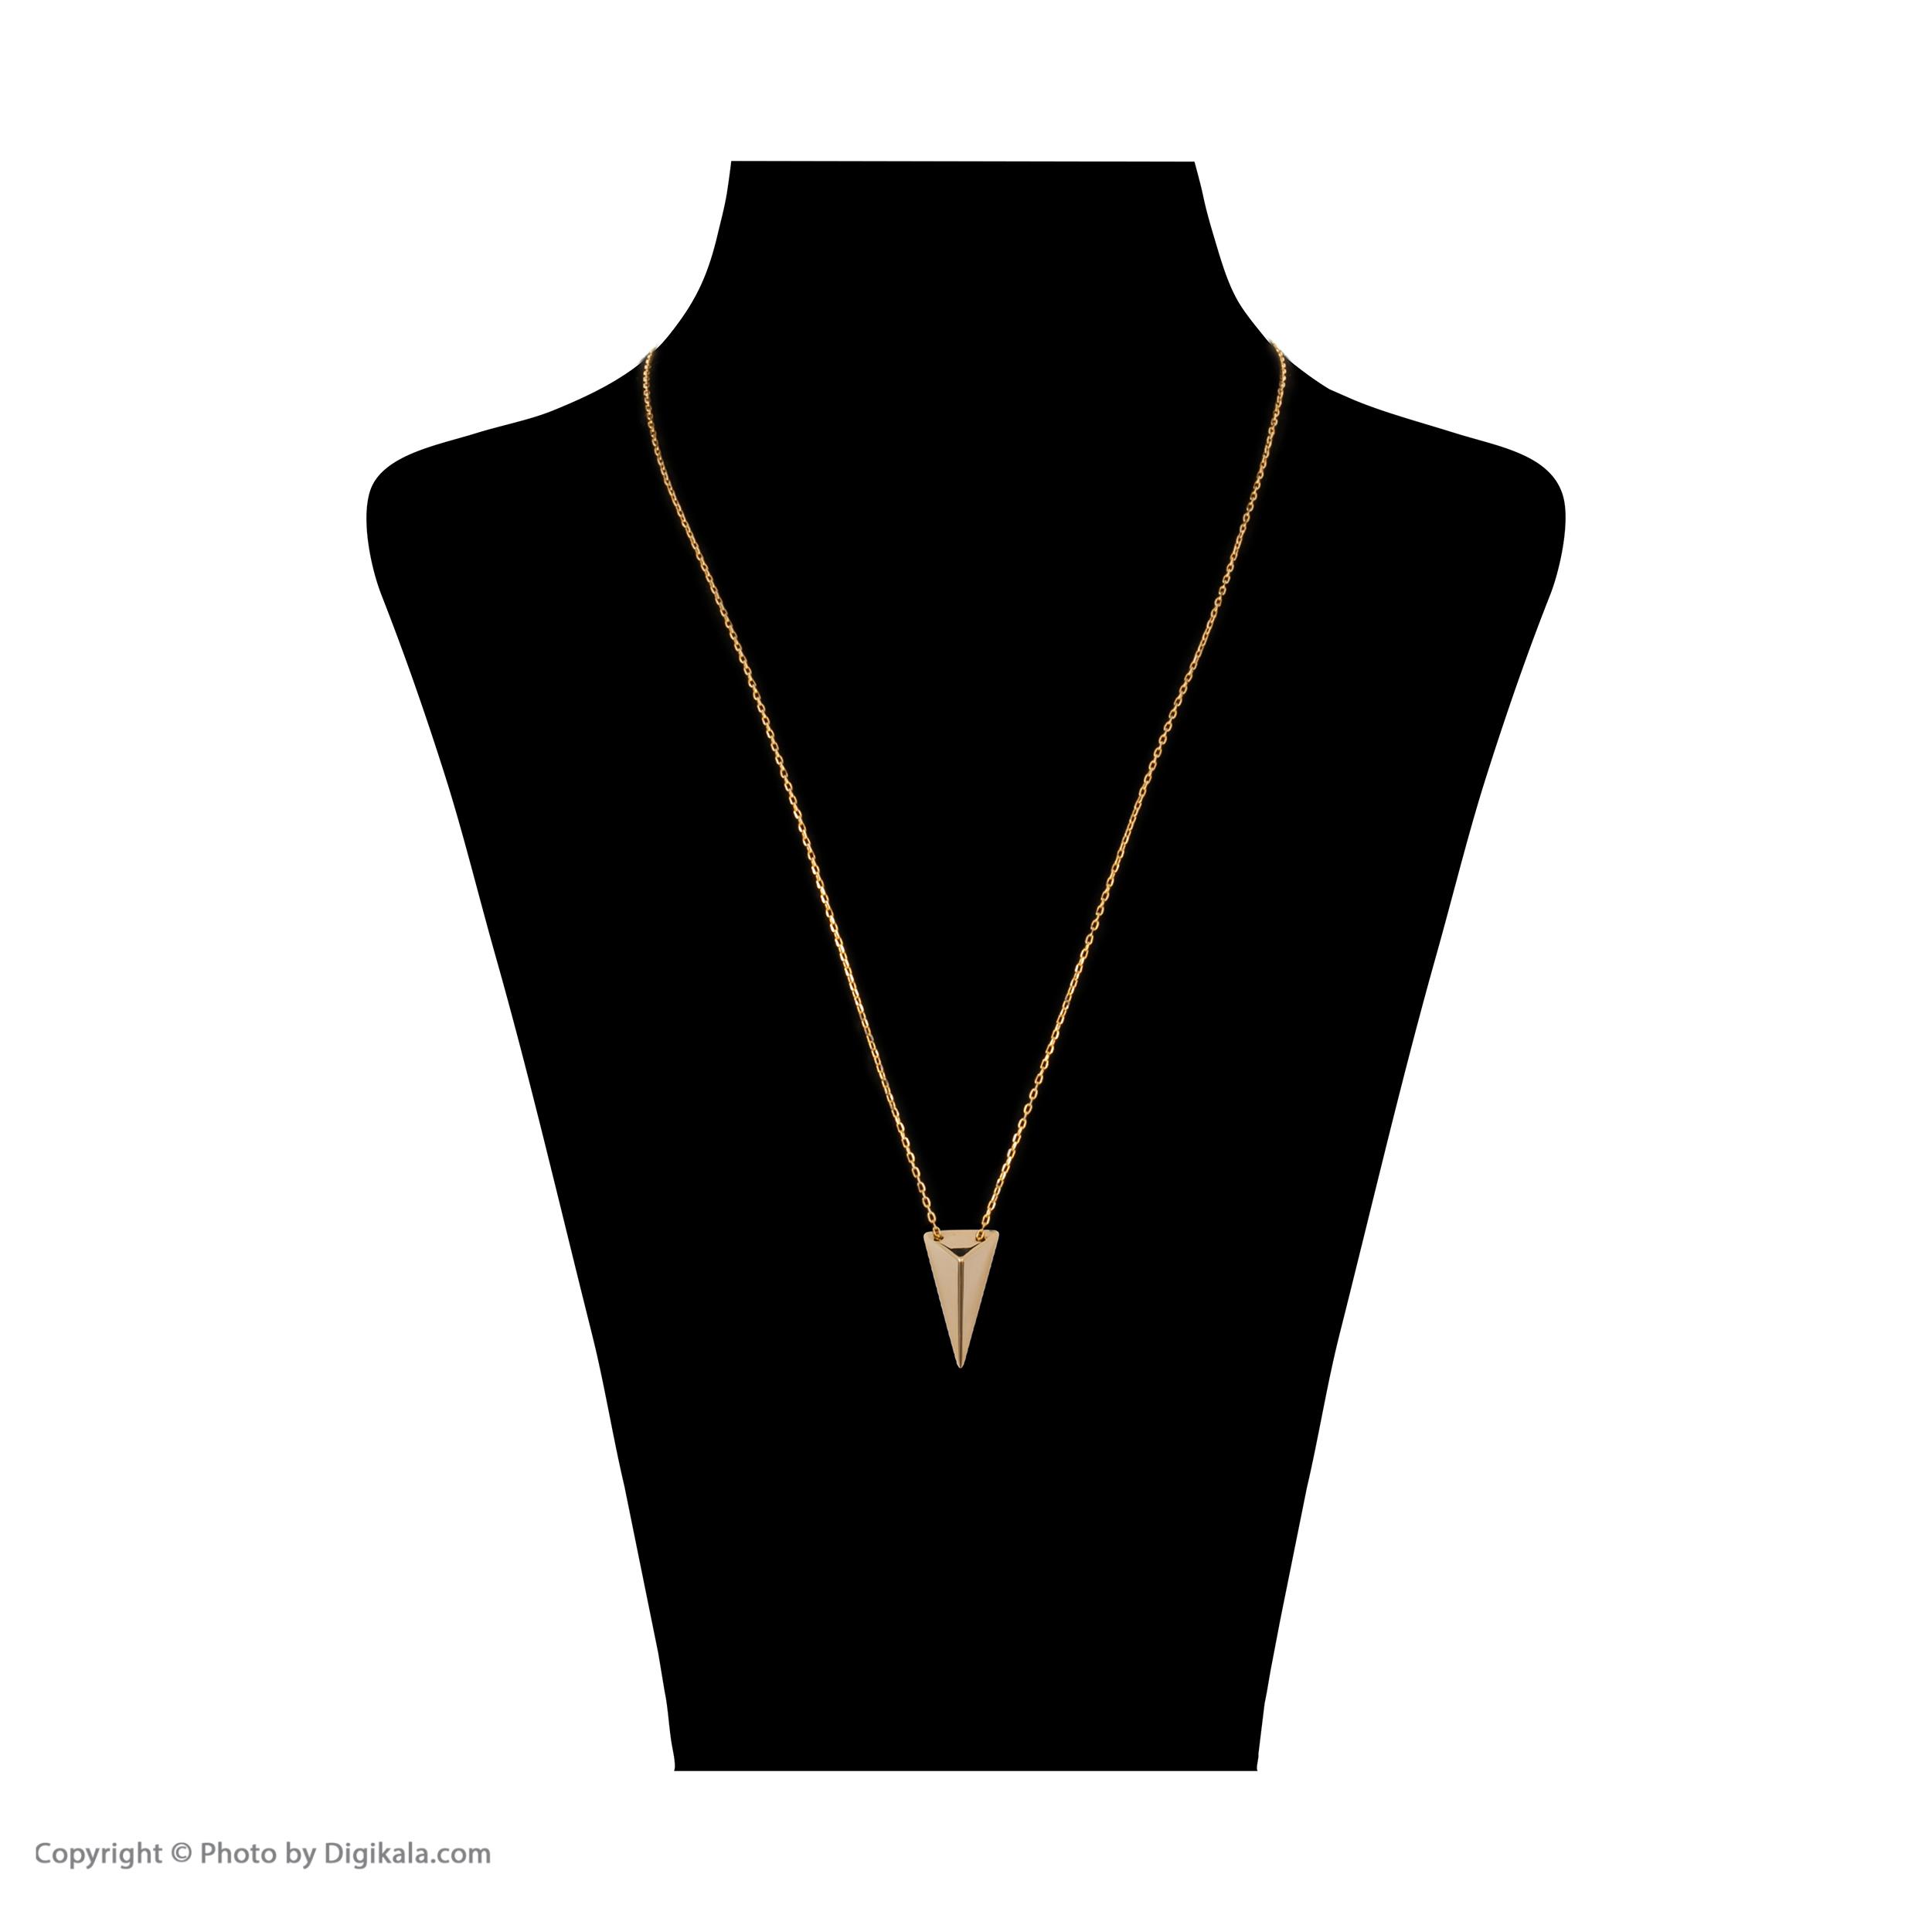 گردنبند طلا 18 عیار زنانه سنجاق مدل X074732 -  - 3